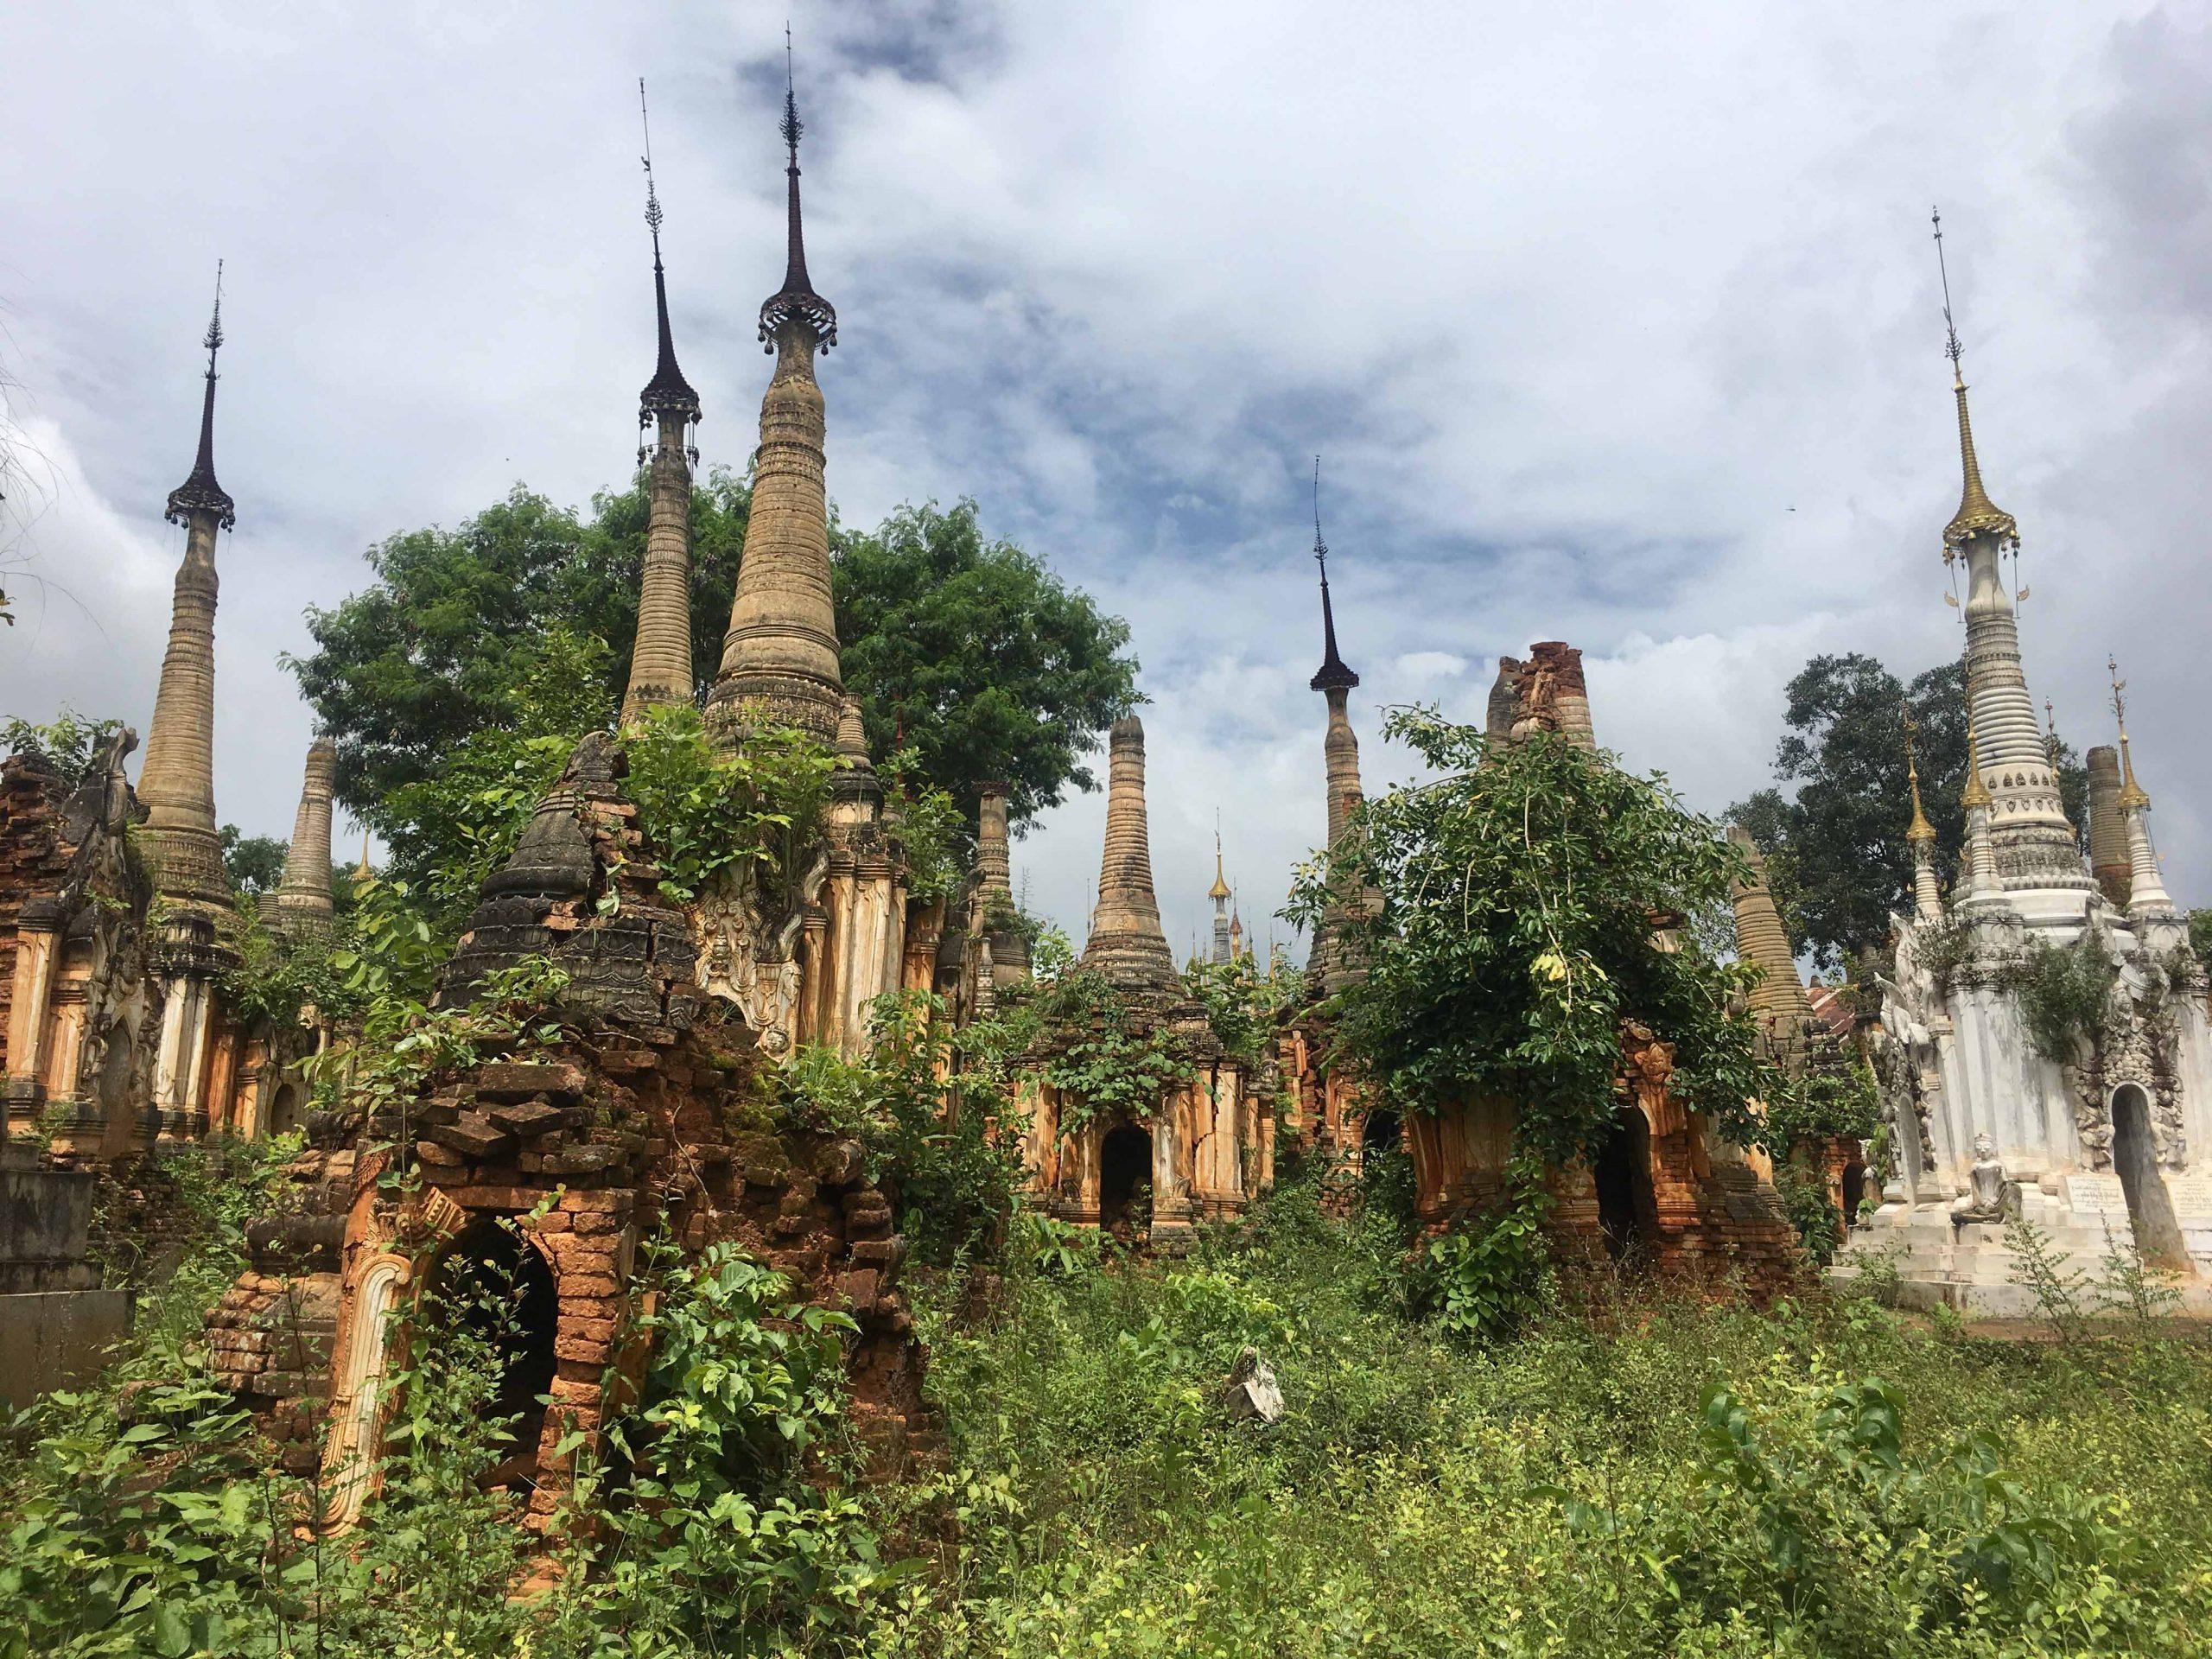 Ruins of Indein